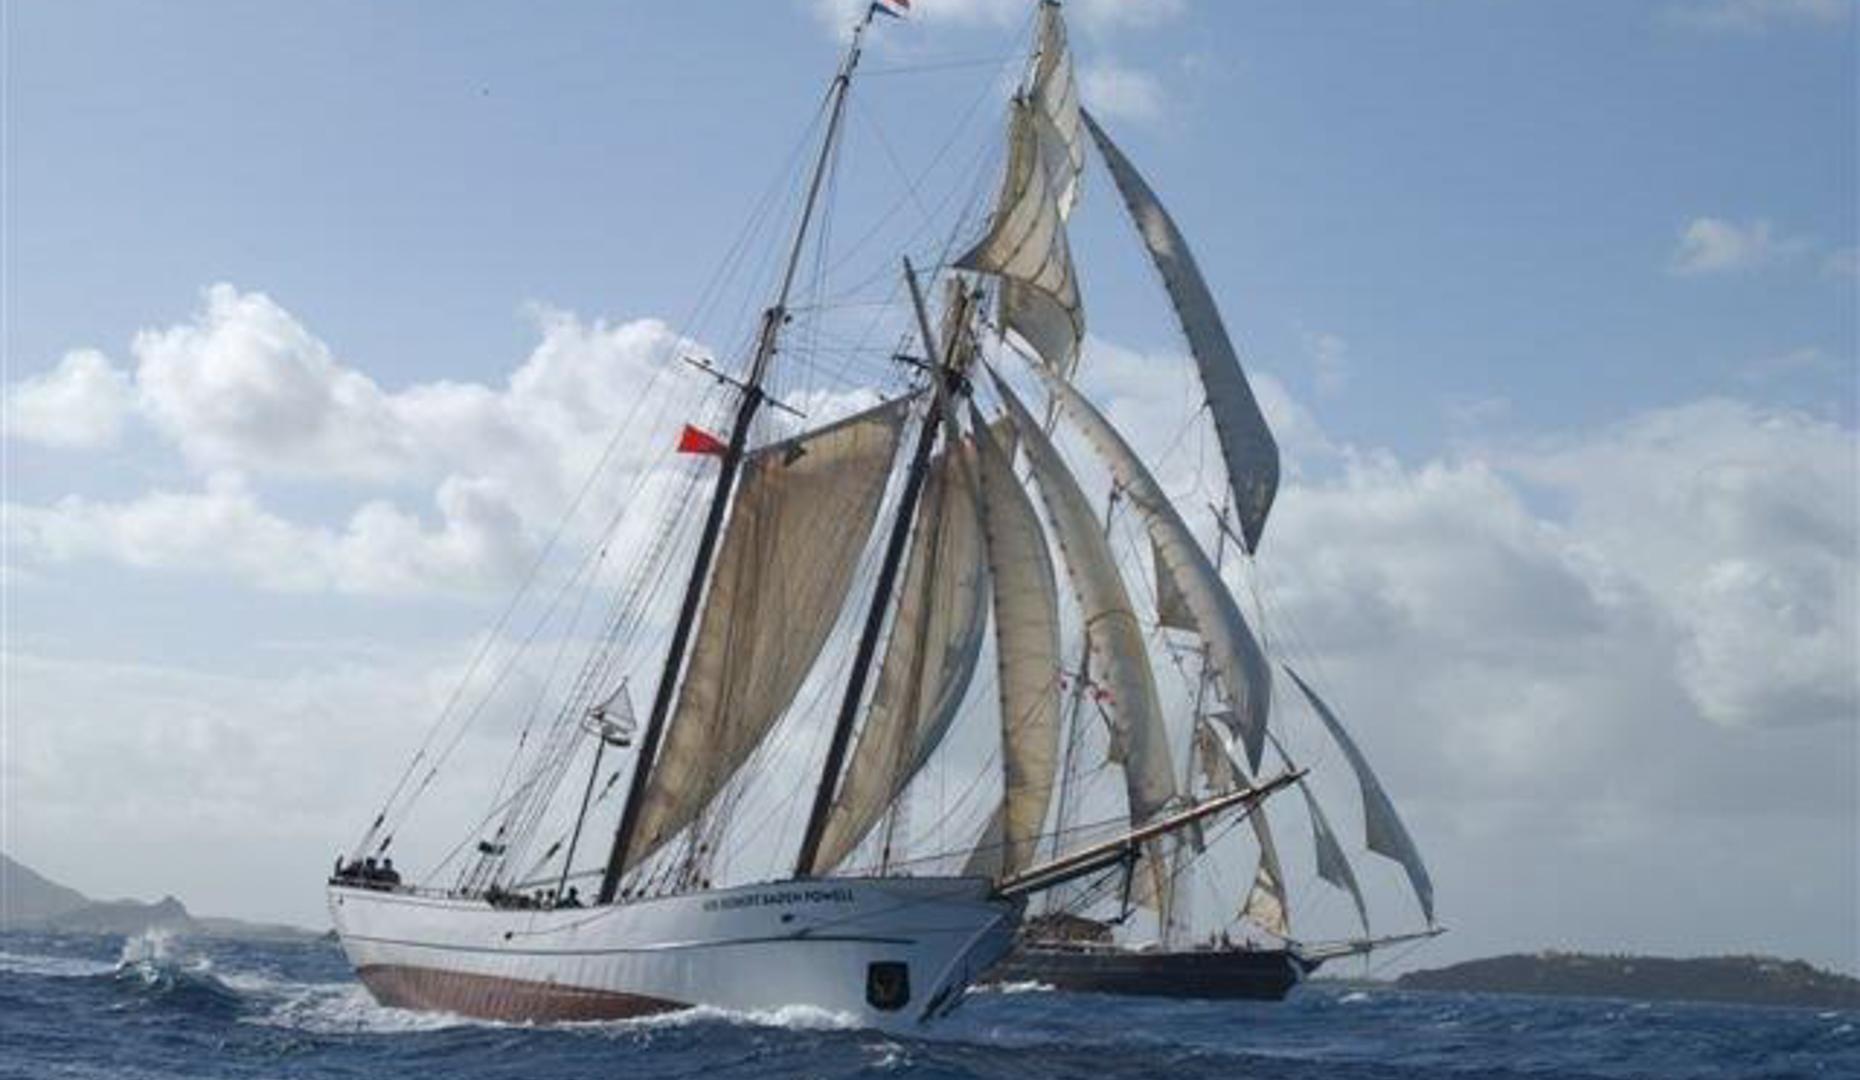 Segelurlaub: Europa SIR ROBERT BADEN POWELL zeigt2 Mast Topsegelschoner Sir Robert Baden Powell Steuerbordansicht unter Segeln